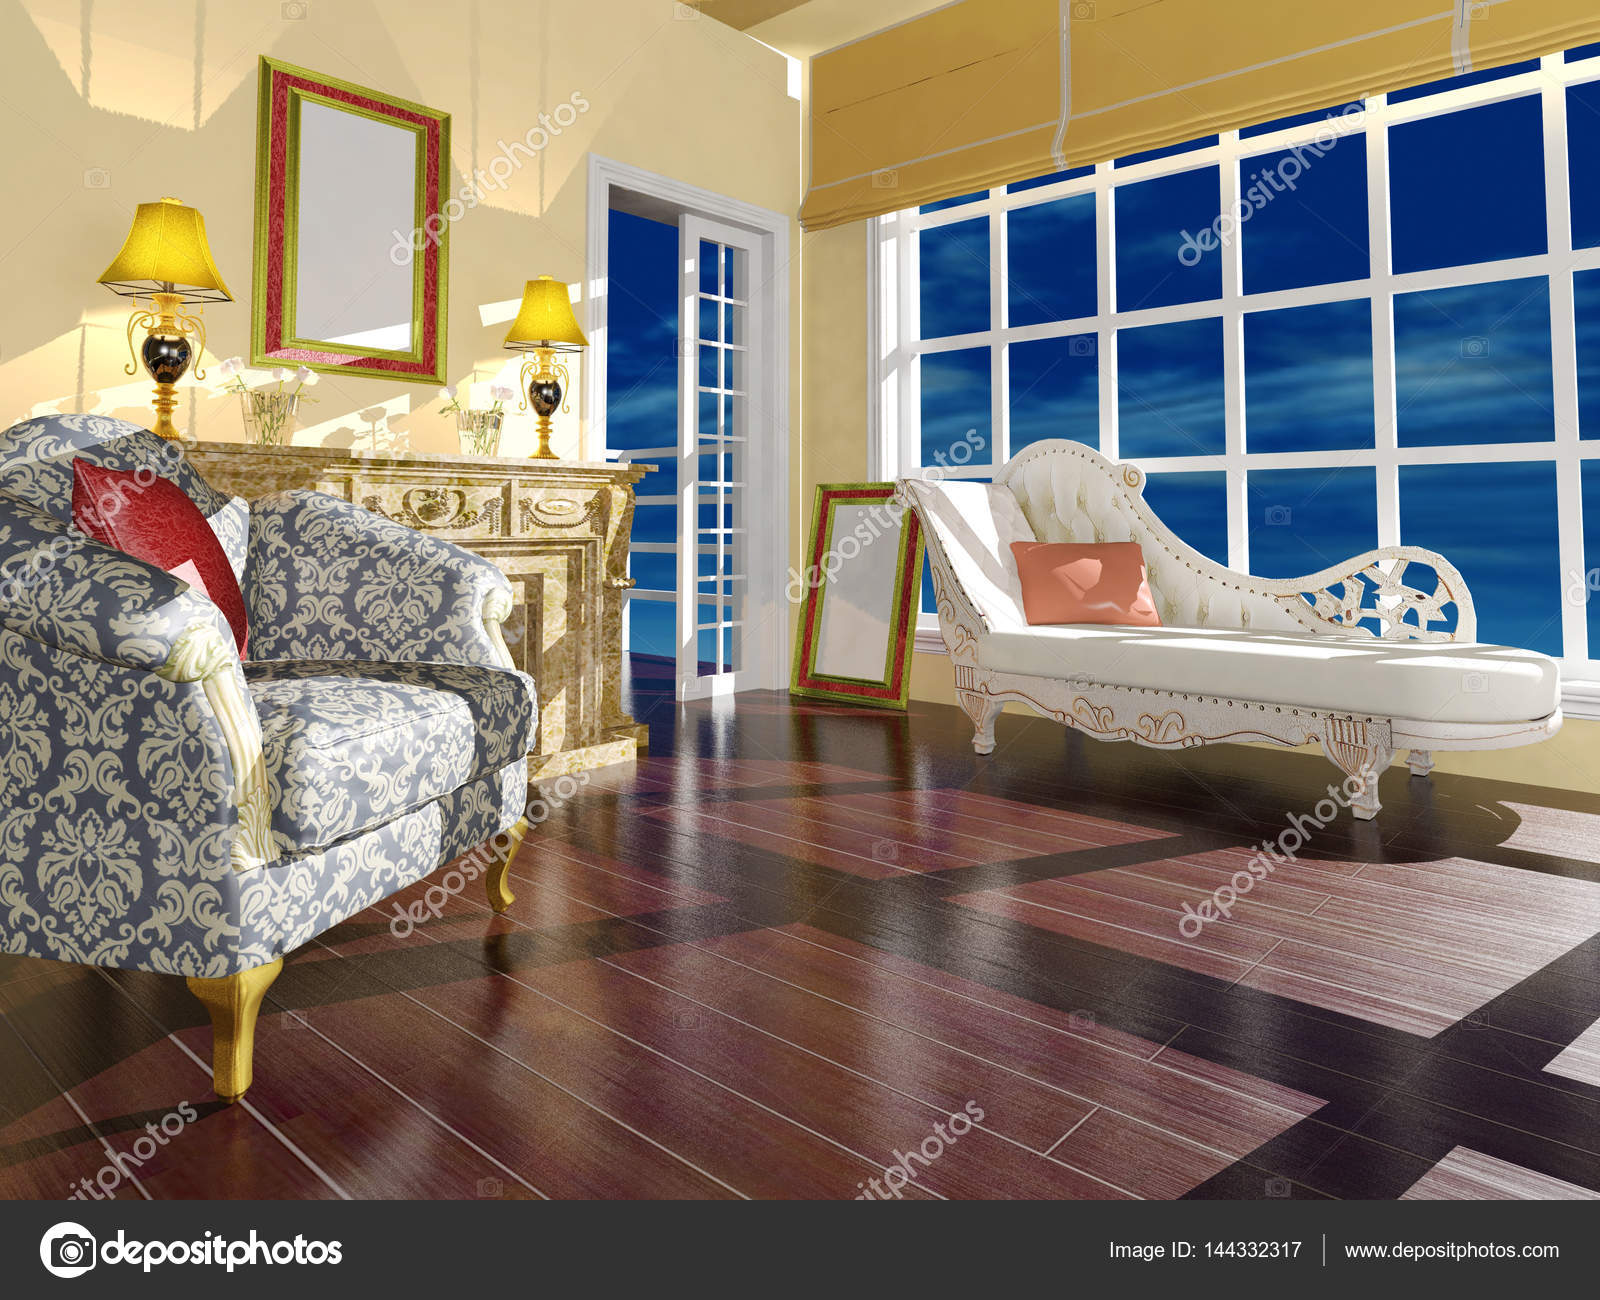 dcoration dintrieur de salon classique en plein jour image de geeratigmailcom